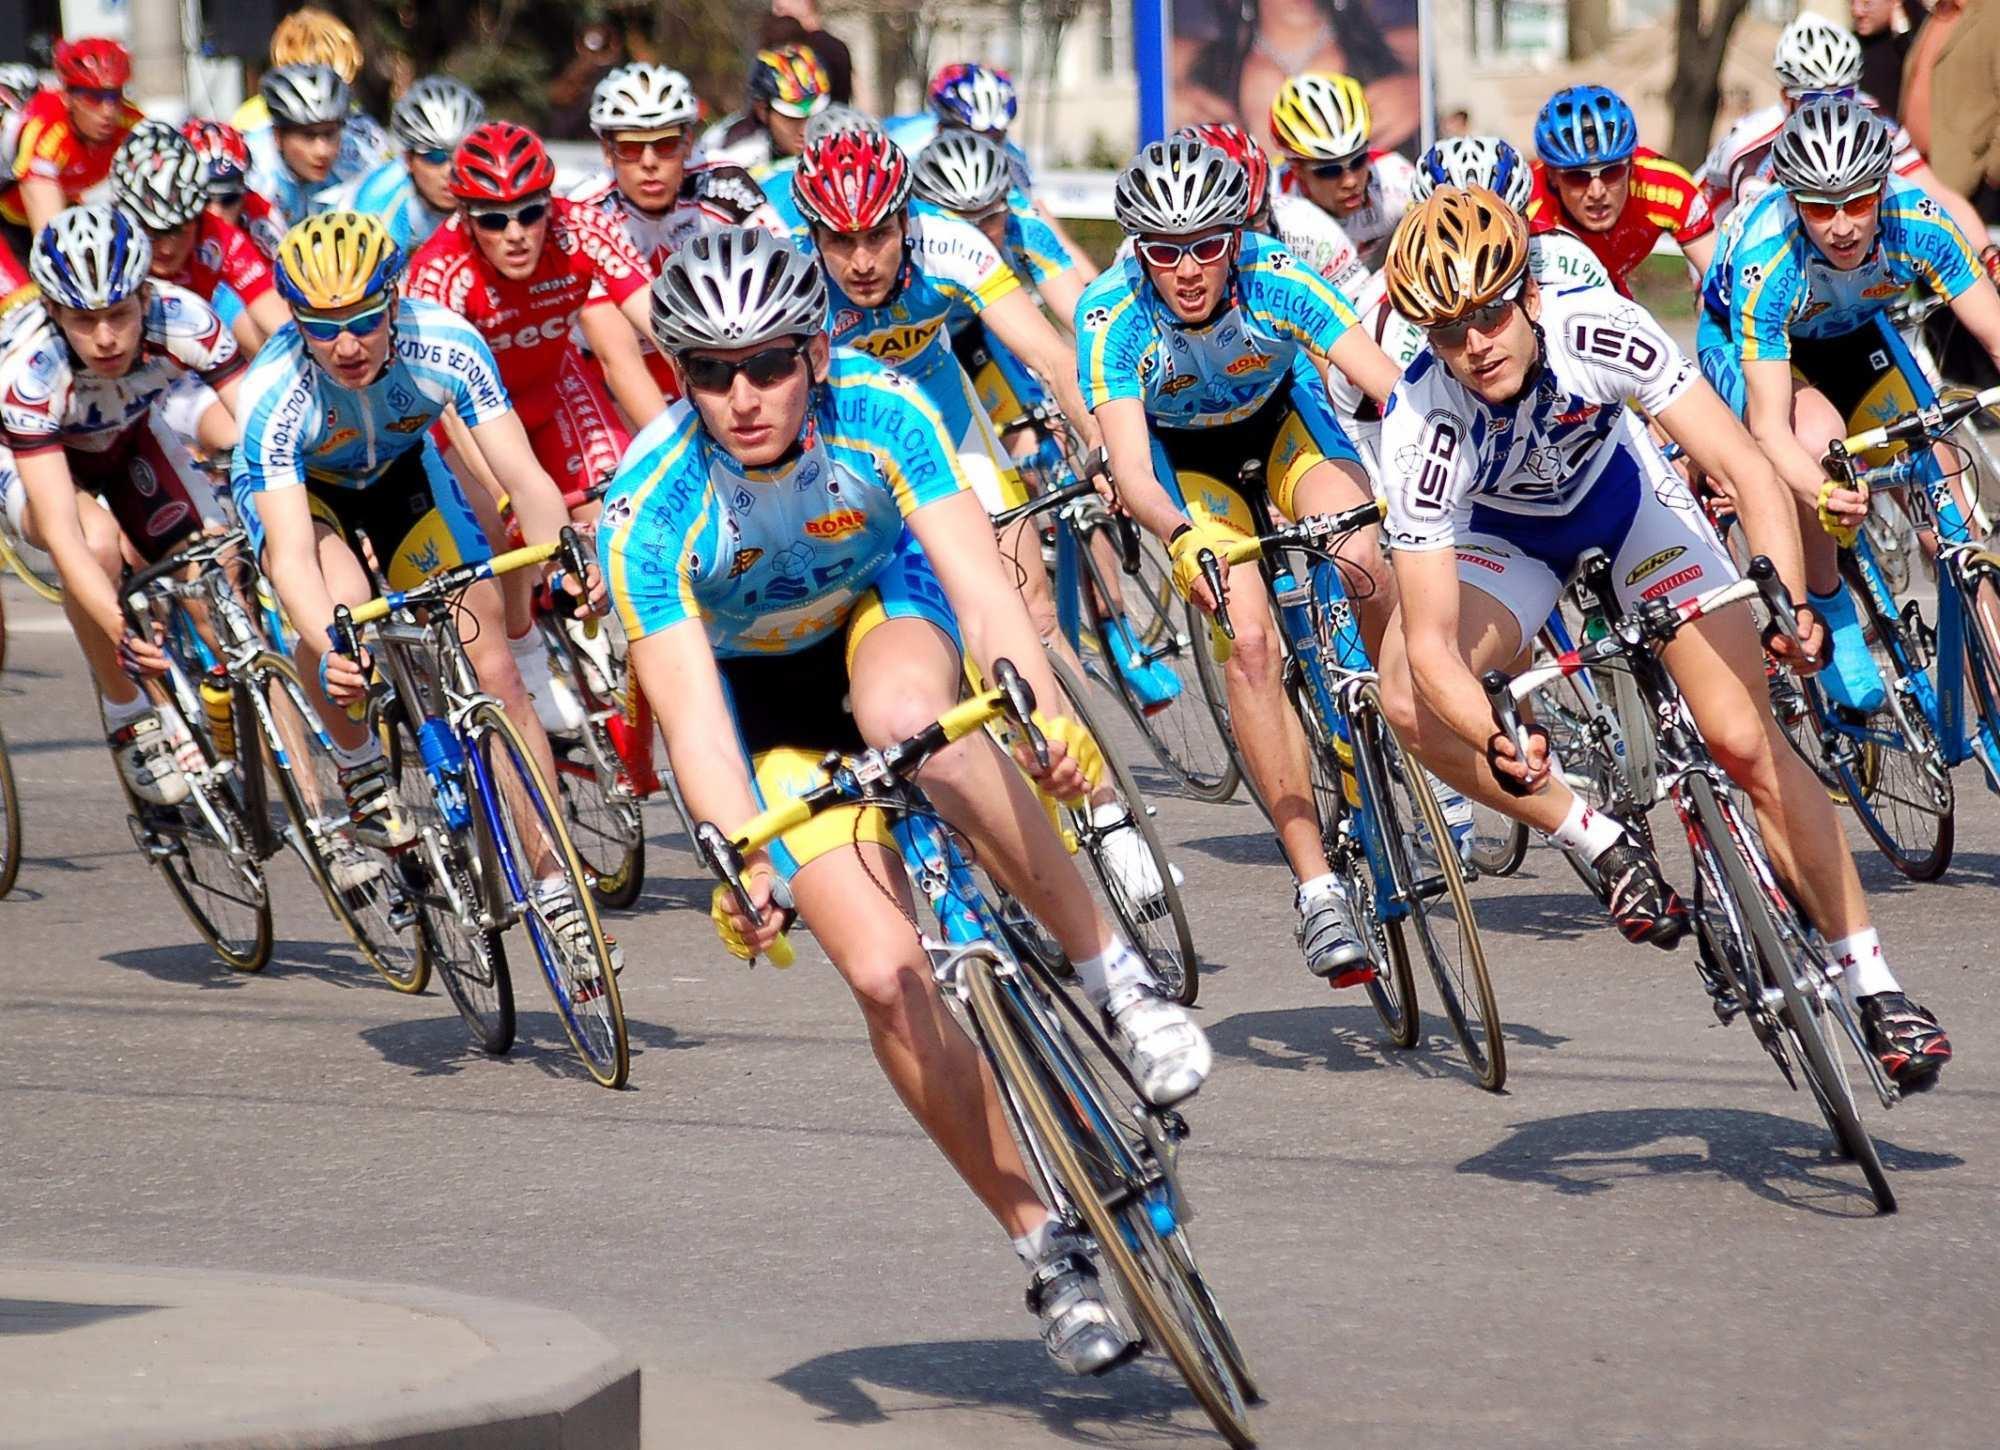 Сборная Сирии по велоспорту примет участие в соревнованиях в ДНР | Русская весна